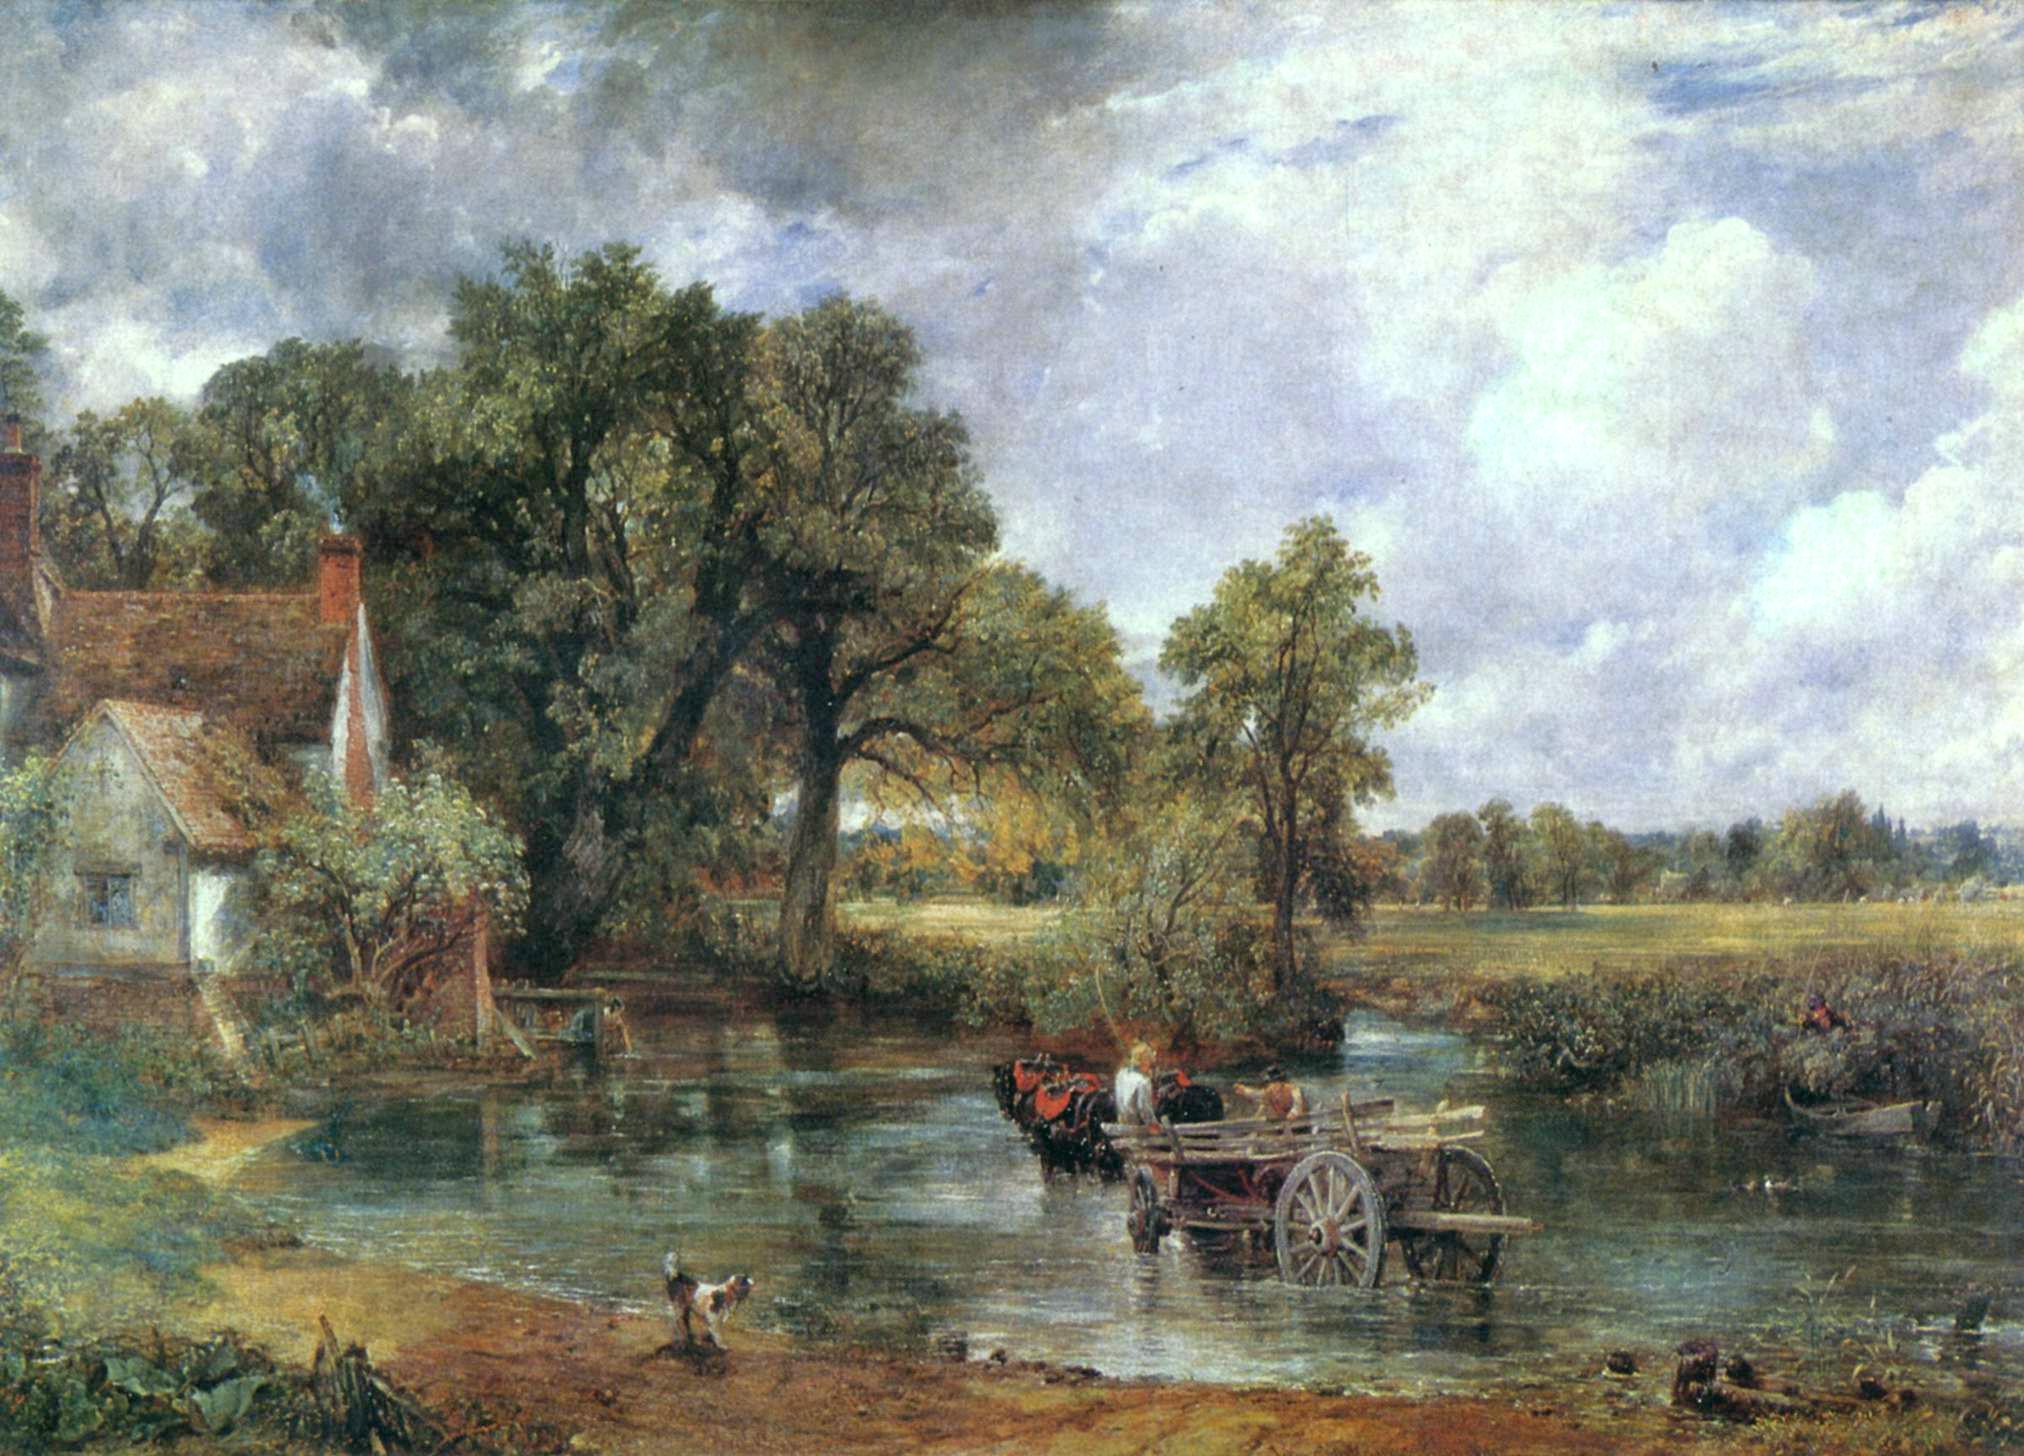 John Constable, Wóz na siano, 1821, z kolekcji National Gallery w Londynie